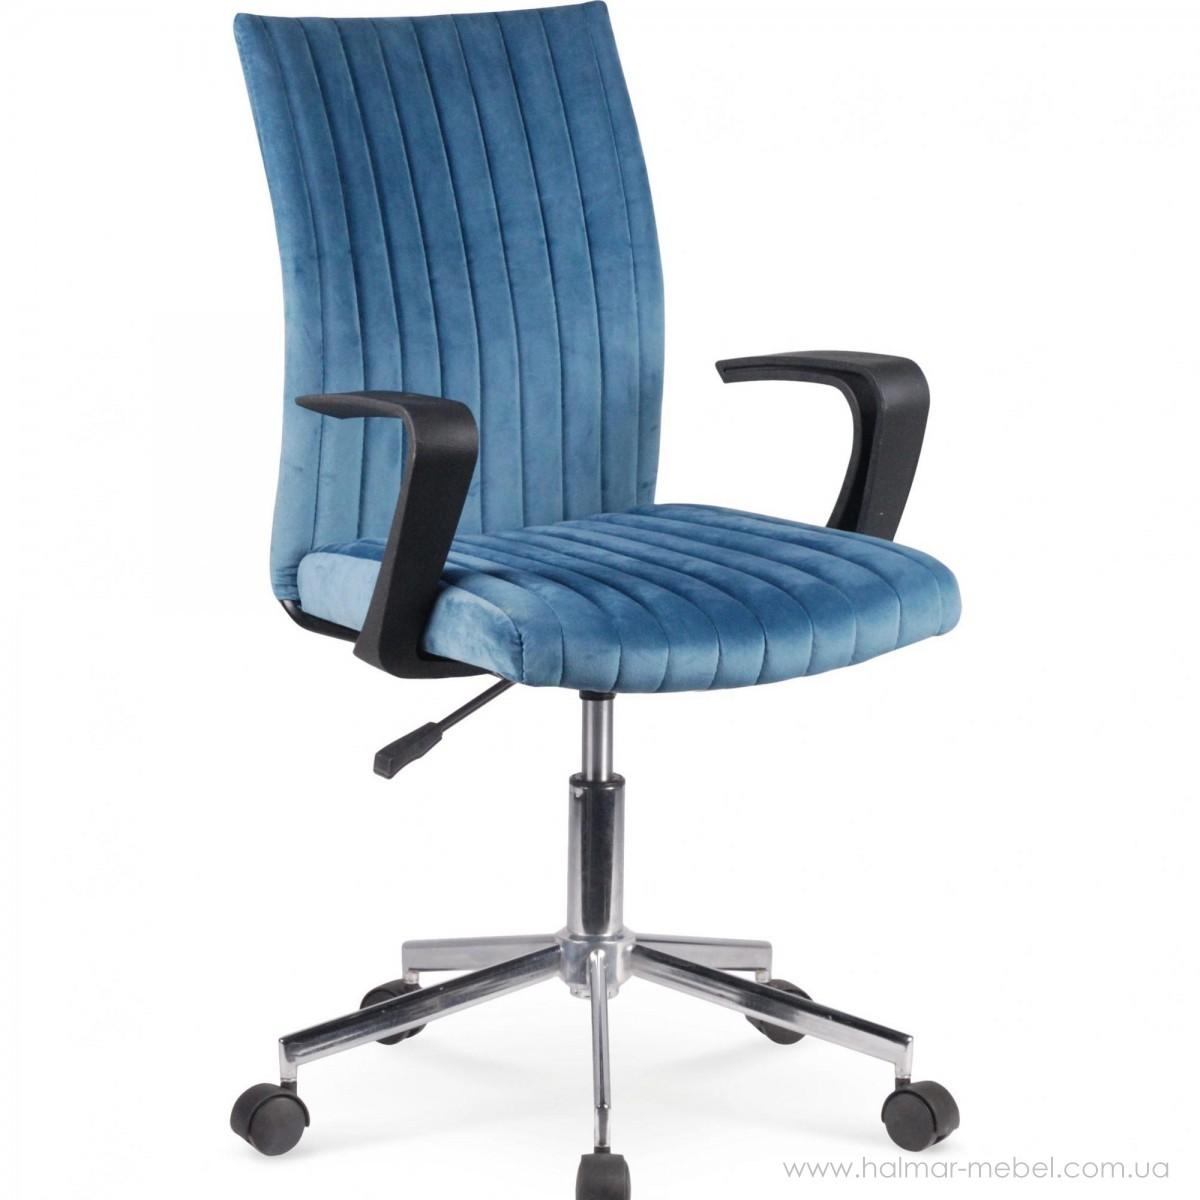 Кресло офисное DORAL HALMAR (синий)